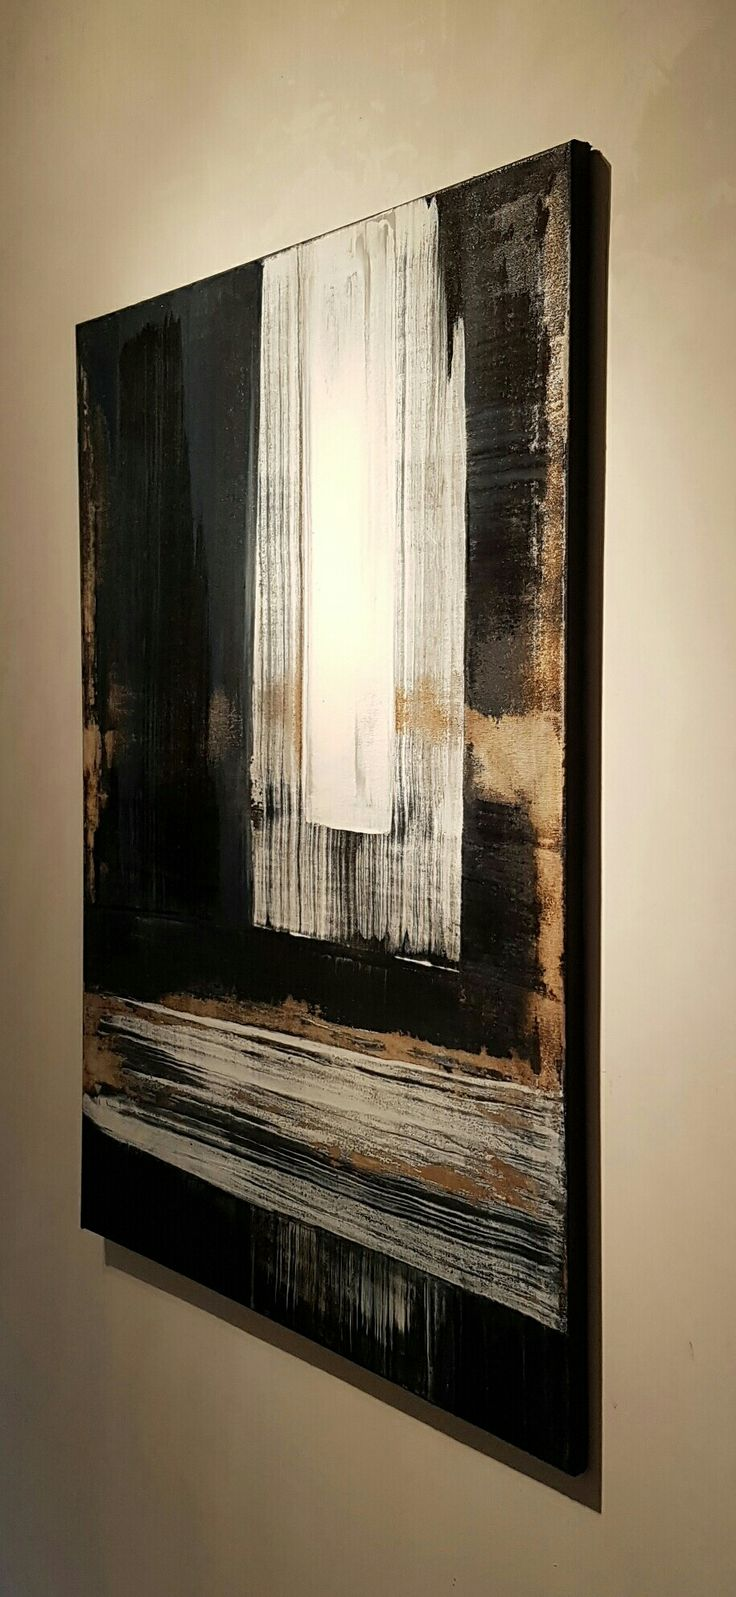 fr d ric halbreich artwork pinterest abstrakte. Black Bedroom Furniture Sets. Home Design Ideas